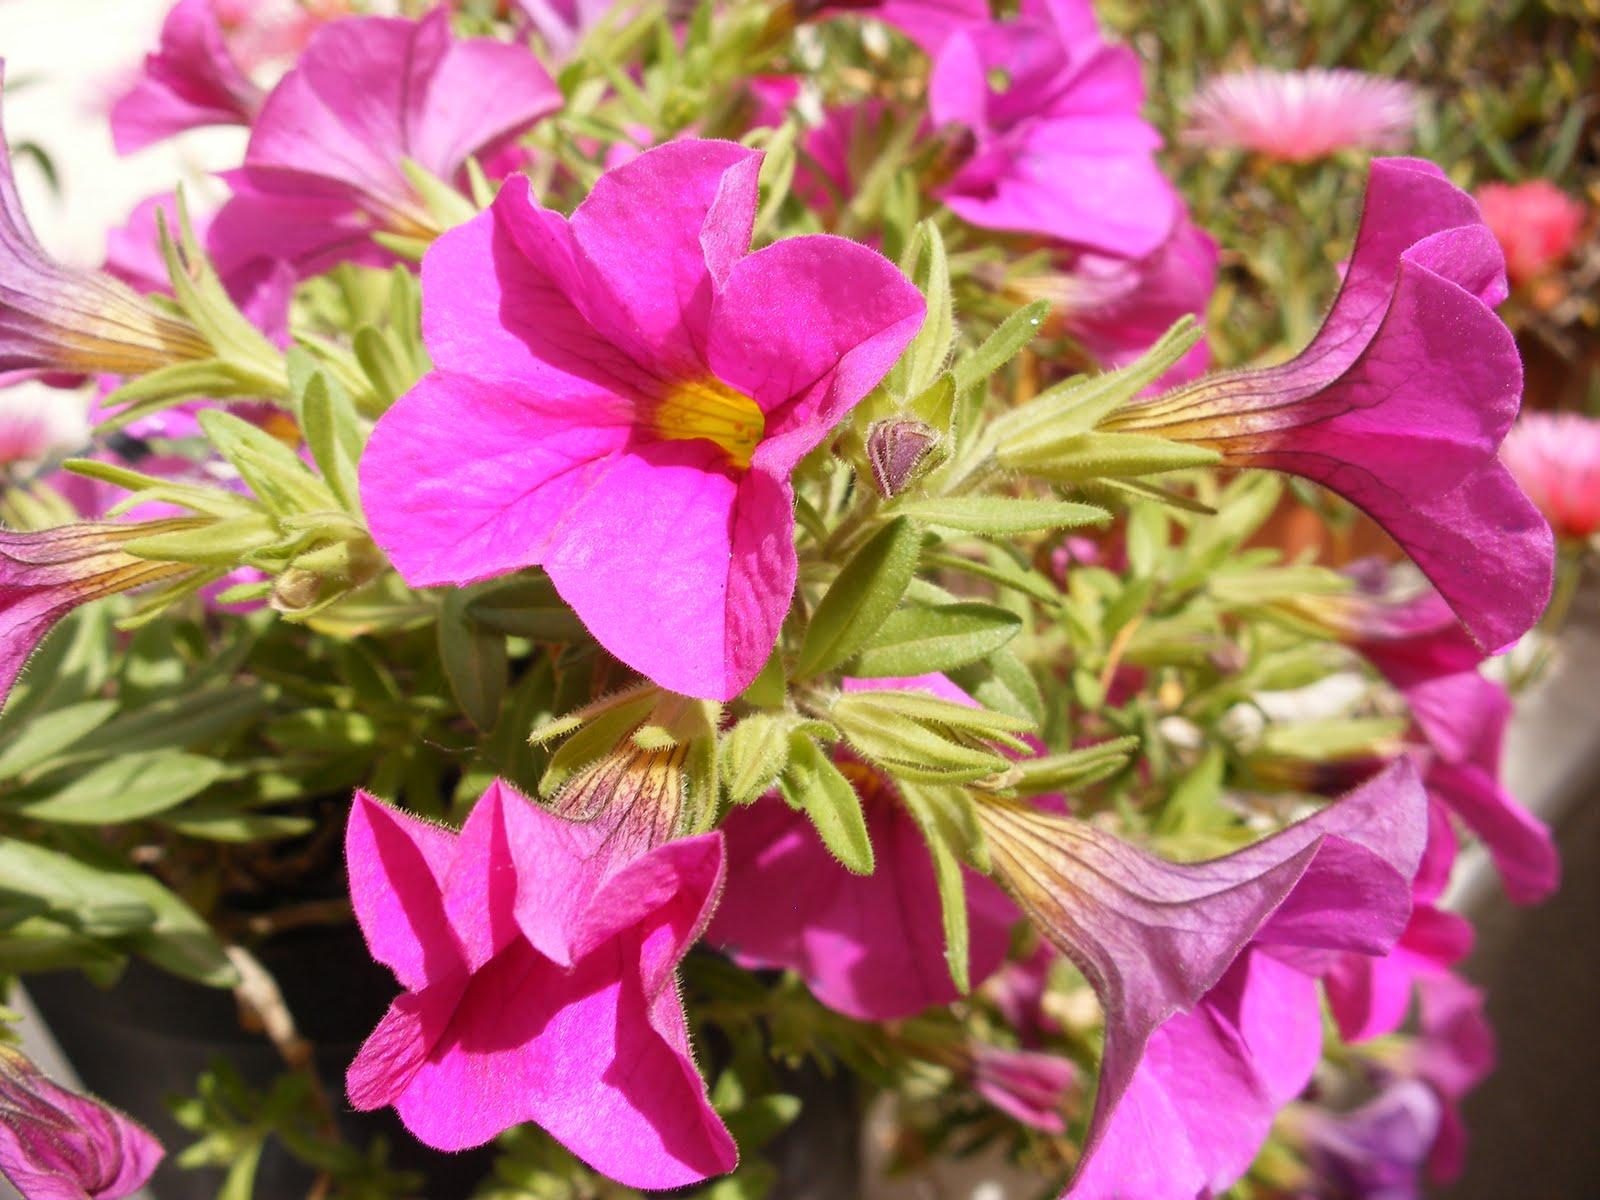 El huerto de ram n flores de plantas ornamentales iii for 6 plantas ornamentales